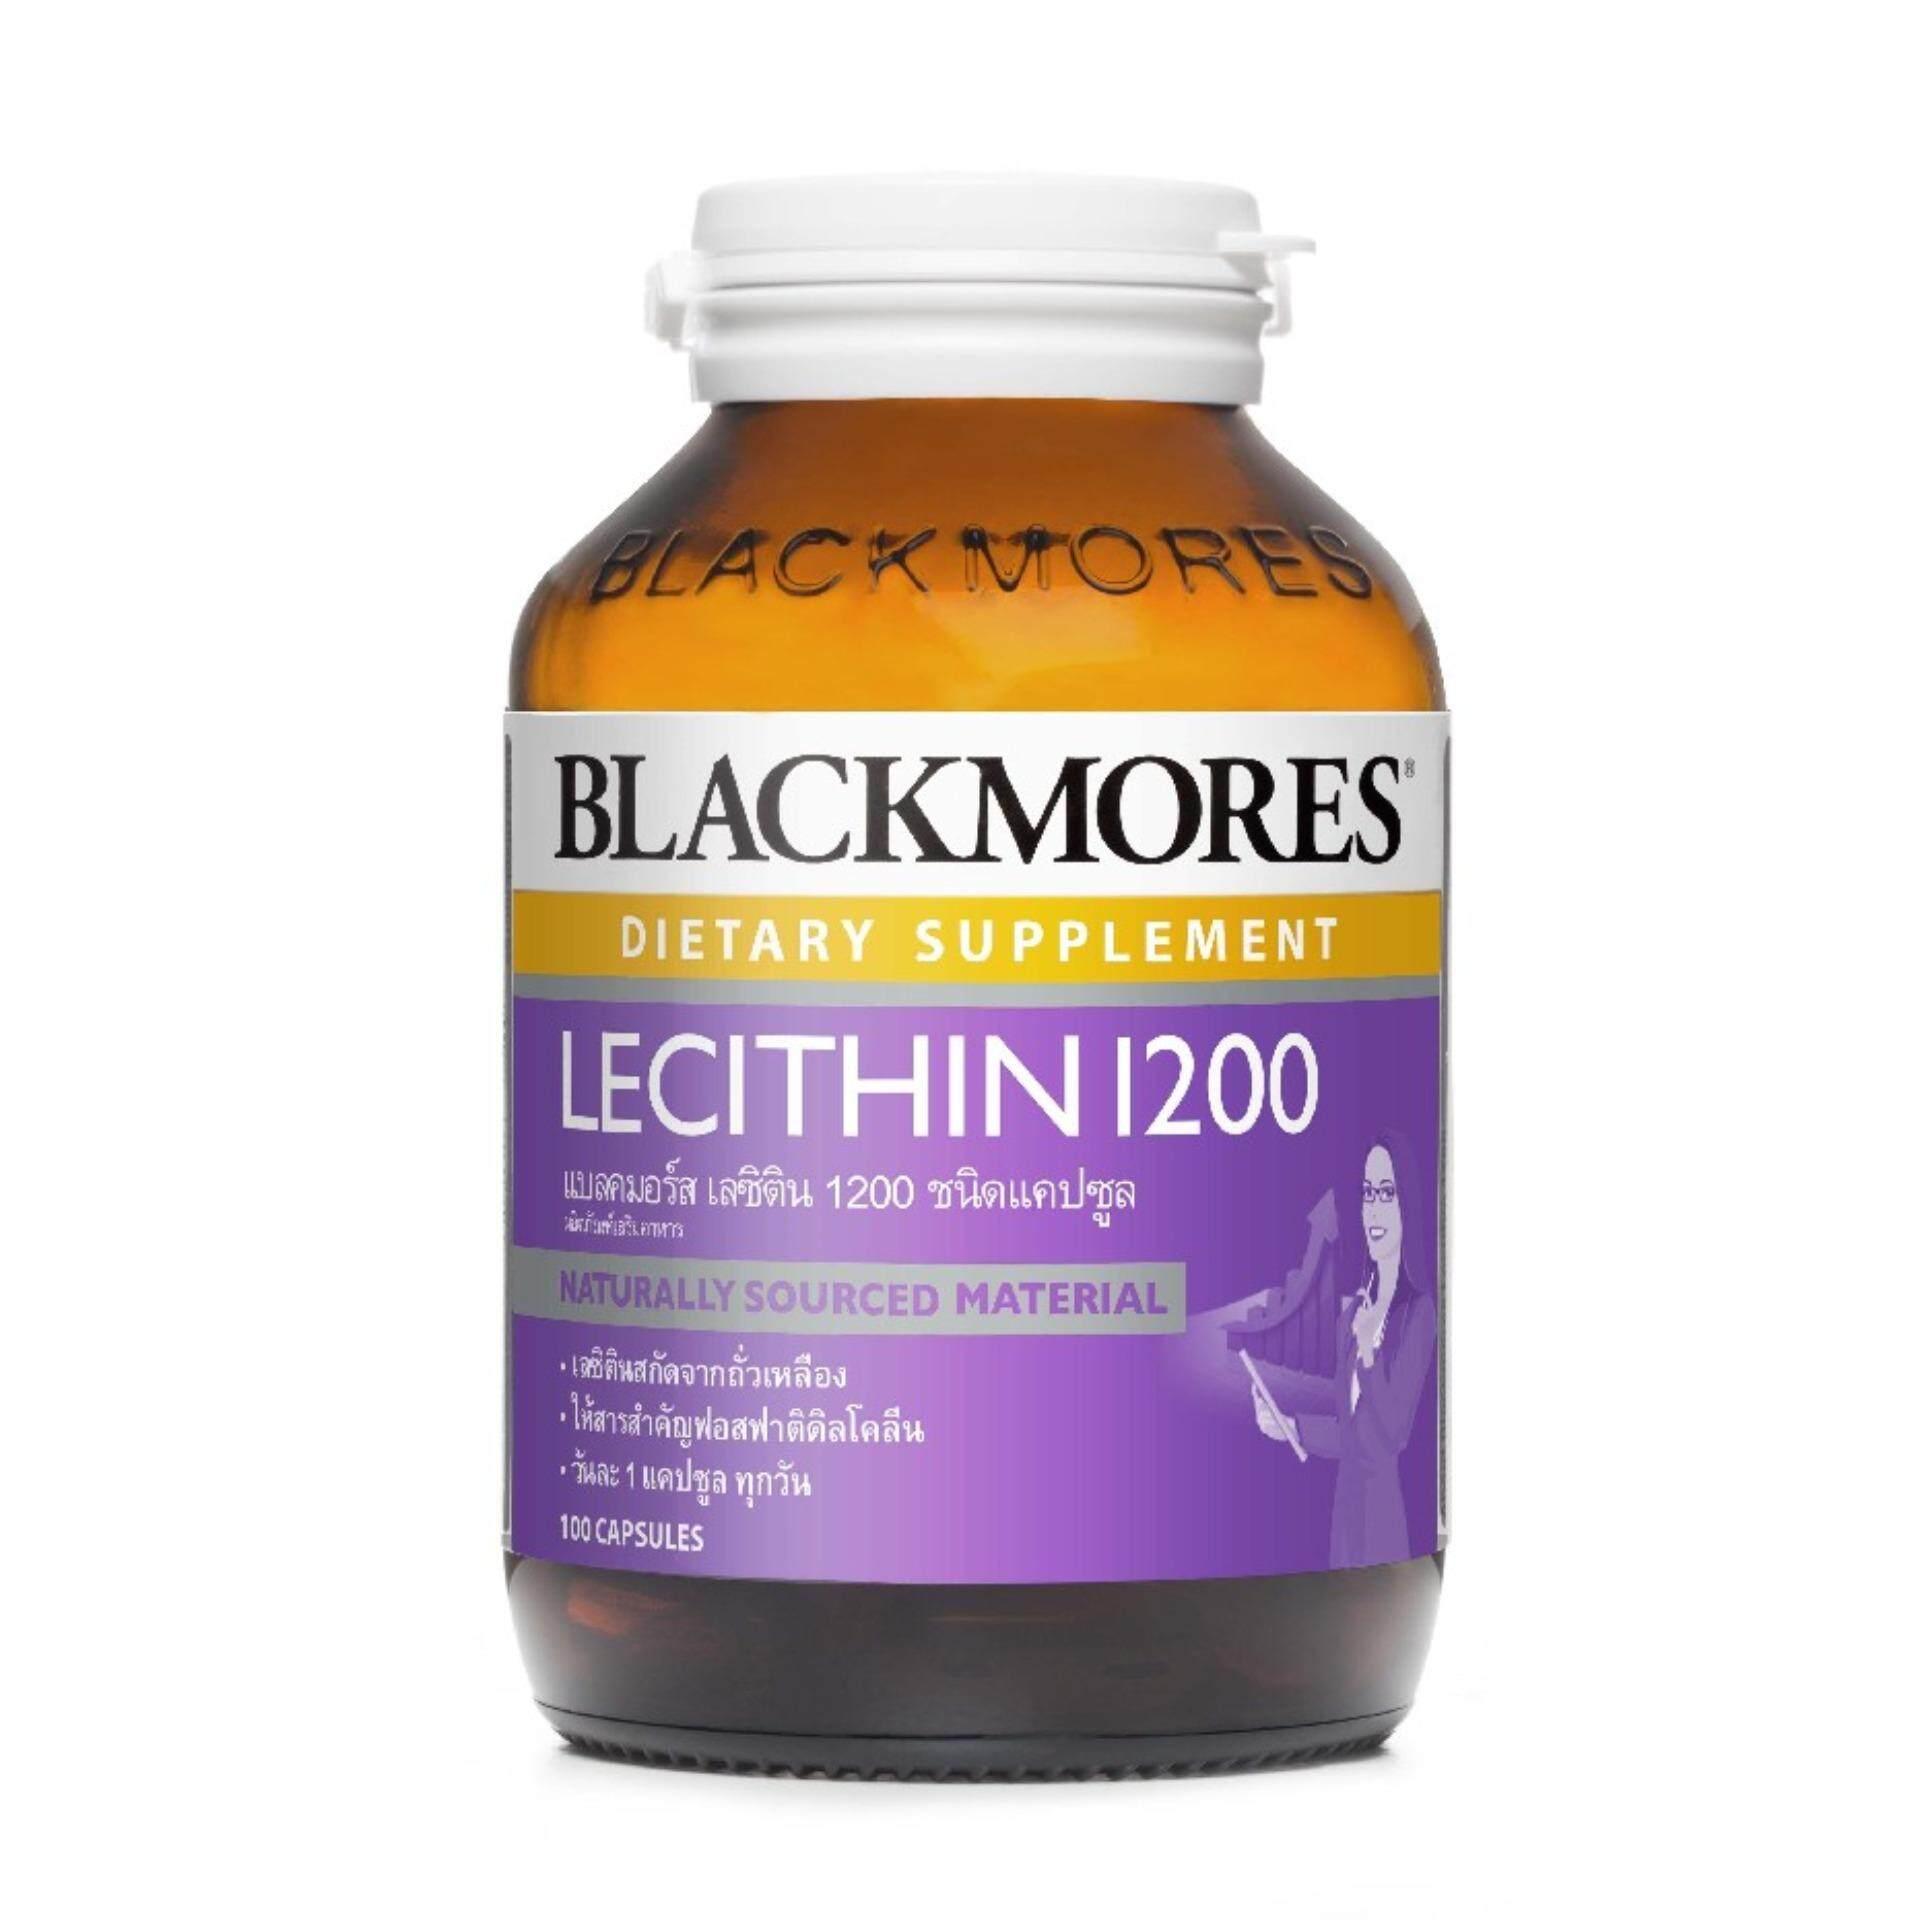 ขาย Blackmores ผลิตภัณฑ์เสริมอาหาร Lecithin 1200 Mg 100เม็ด Blackmores ผู้ค้าส่ง